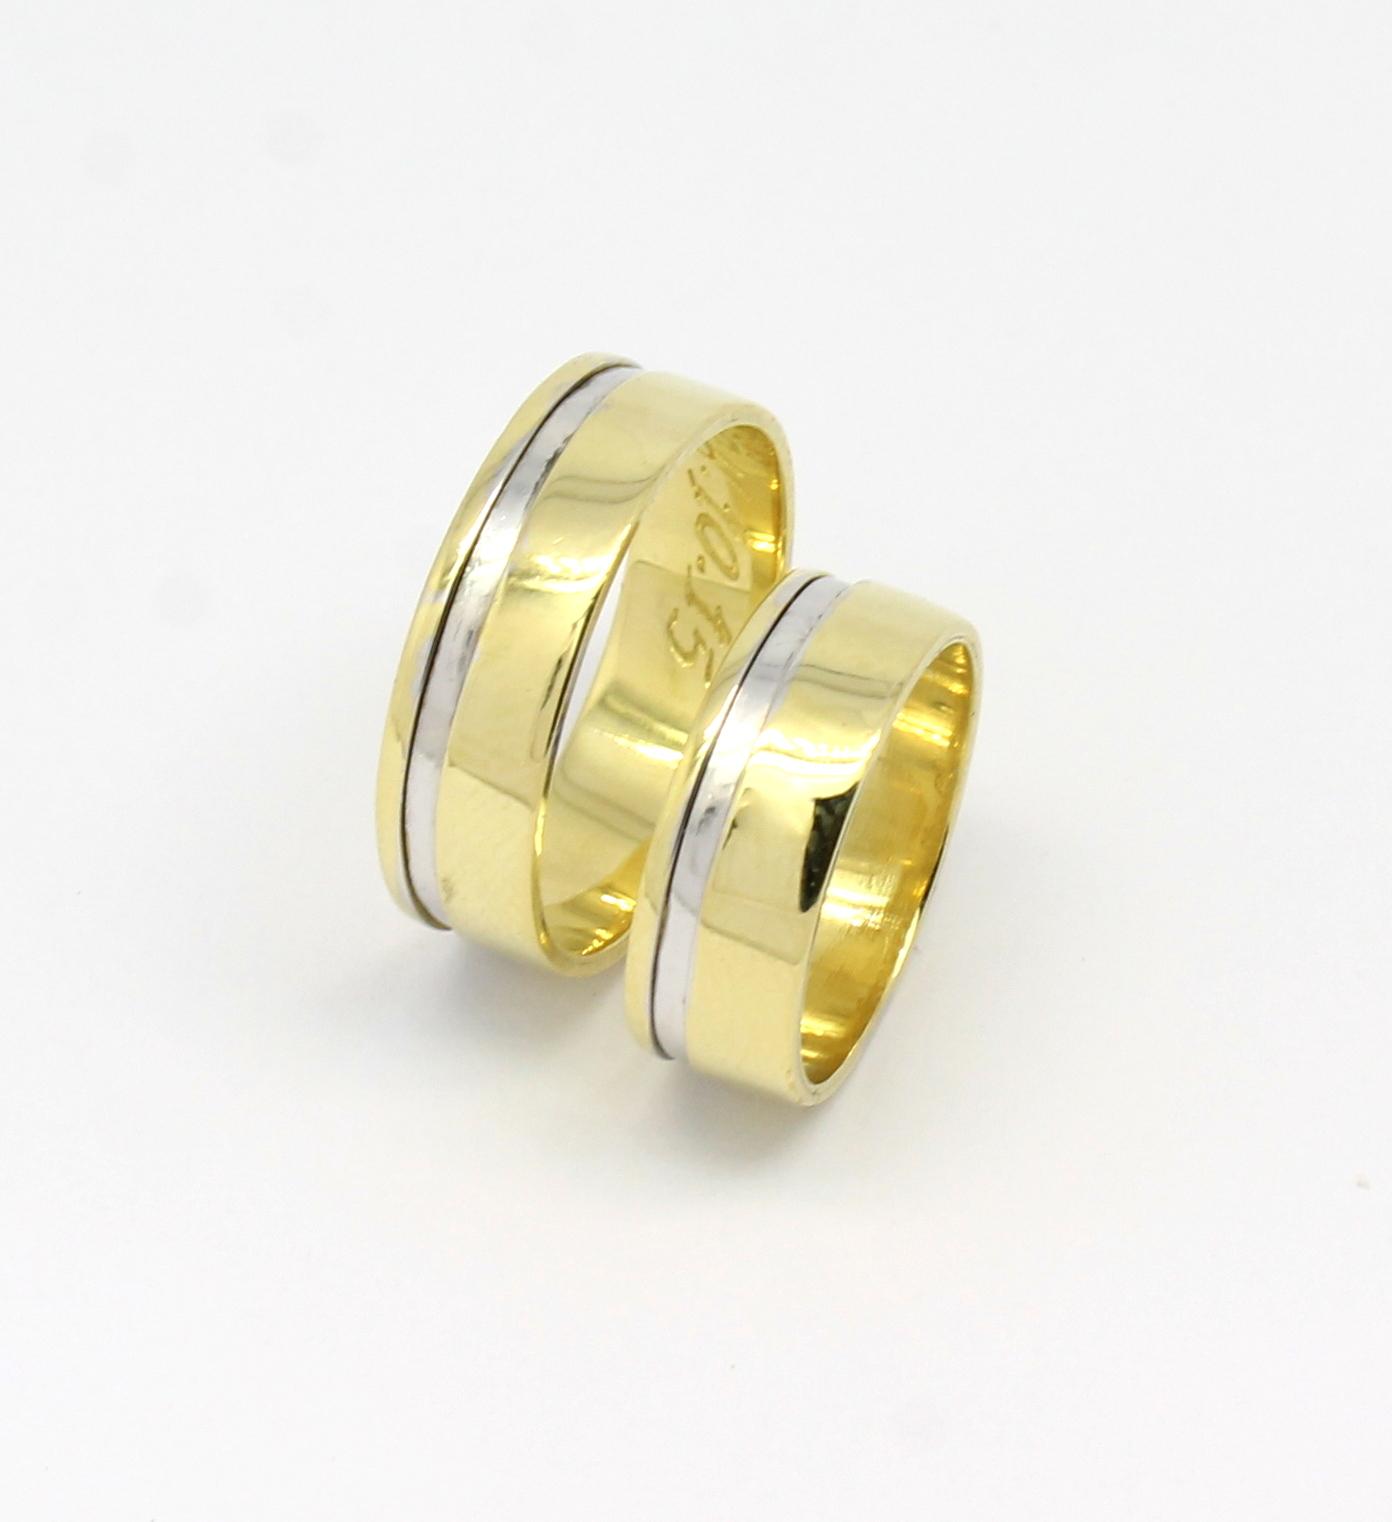 Par de Alianças 16 gramas Ouro Amarelo Fio de Ouro Branco 18k 750 ... 7f6587de7c